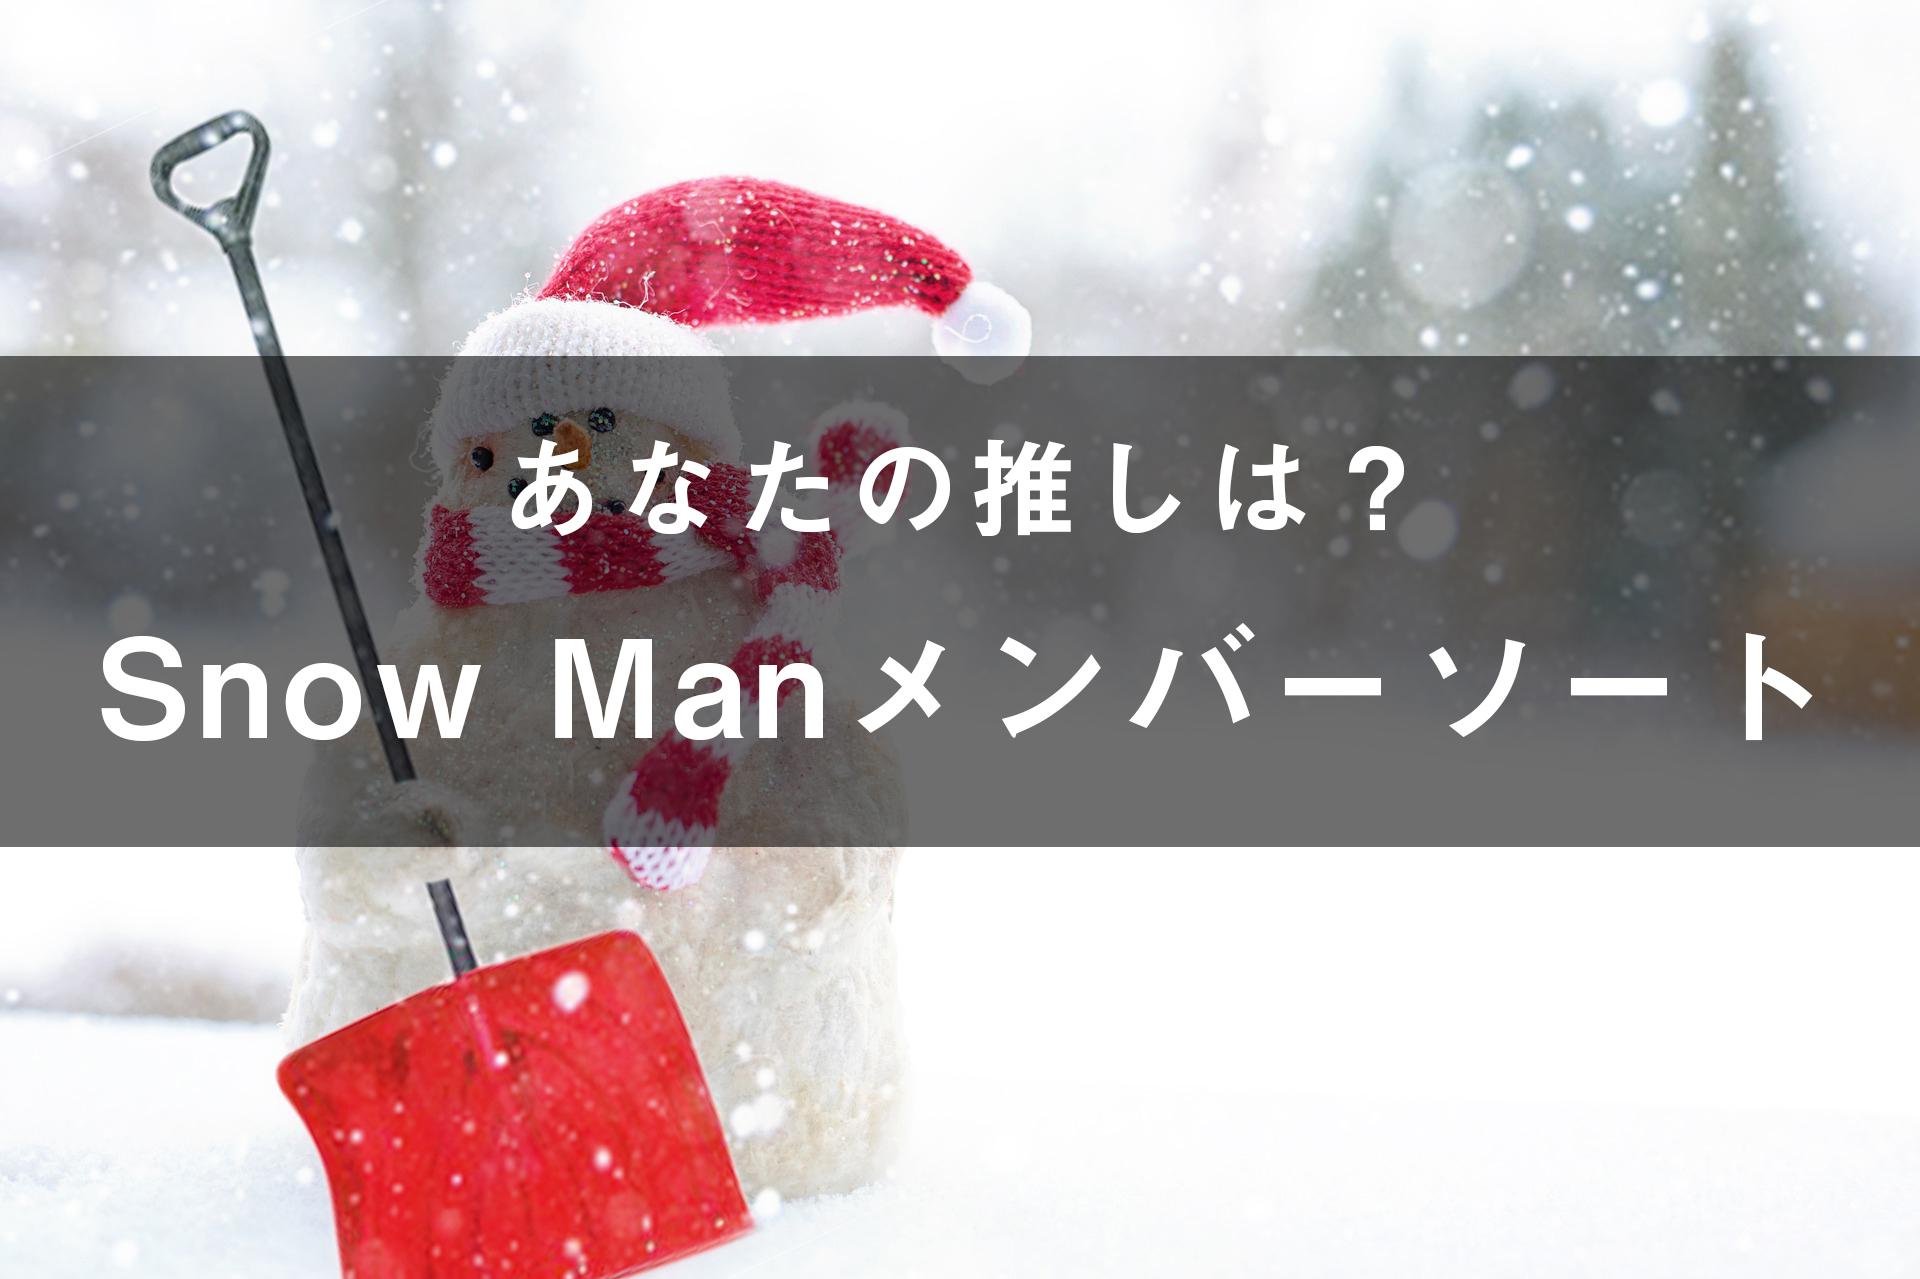 「SNOWMAN」のメンバーソート(画像付き)